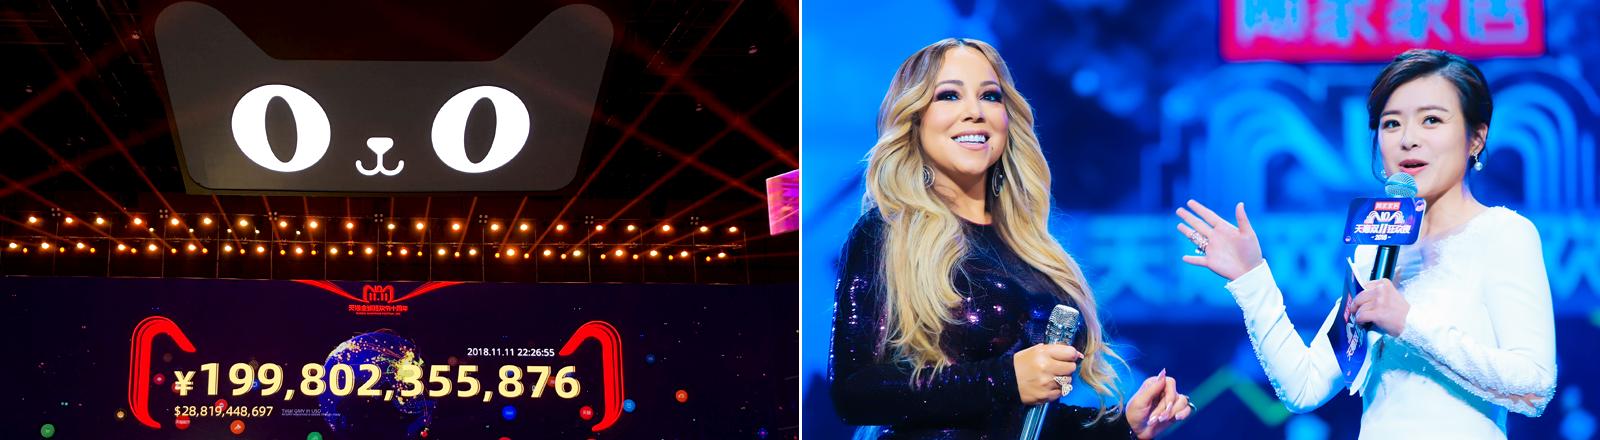 Mariah Carey bei der Online-Show von Alibaba, darunter die Verkaufszahlen des chinesischen Onlinehändlers